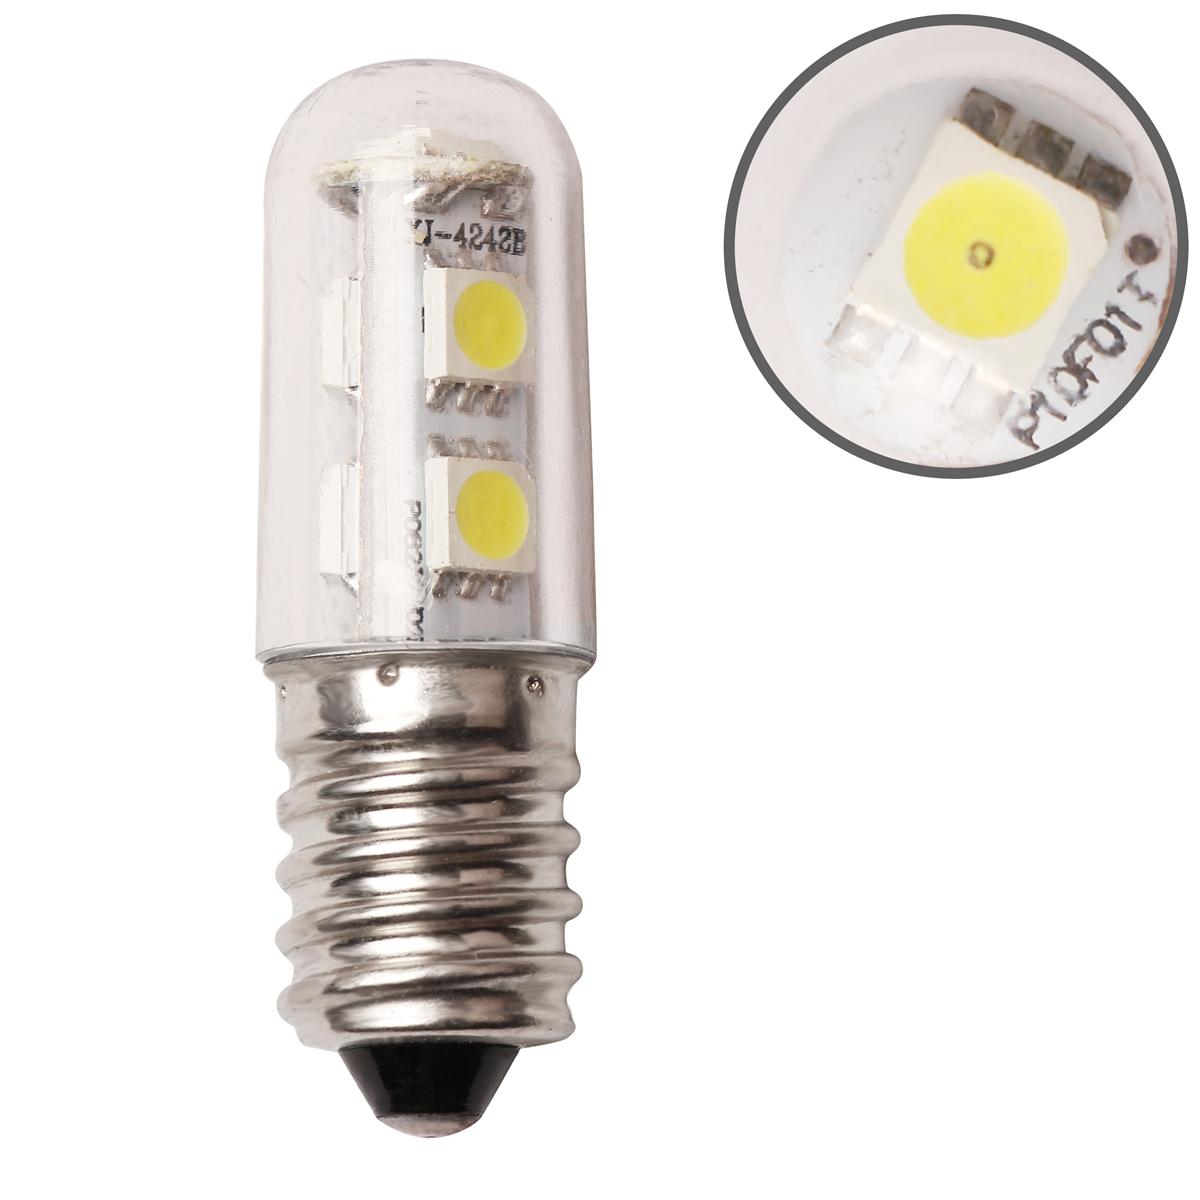 Wow e14 1w mini led light bulb white for range hood chimney fridge cabinet ebay Mini bulbs